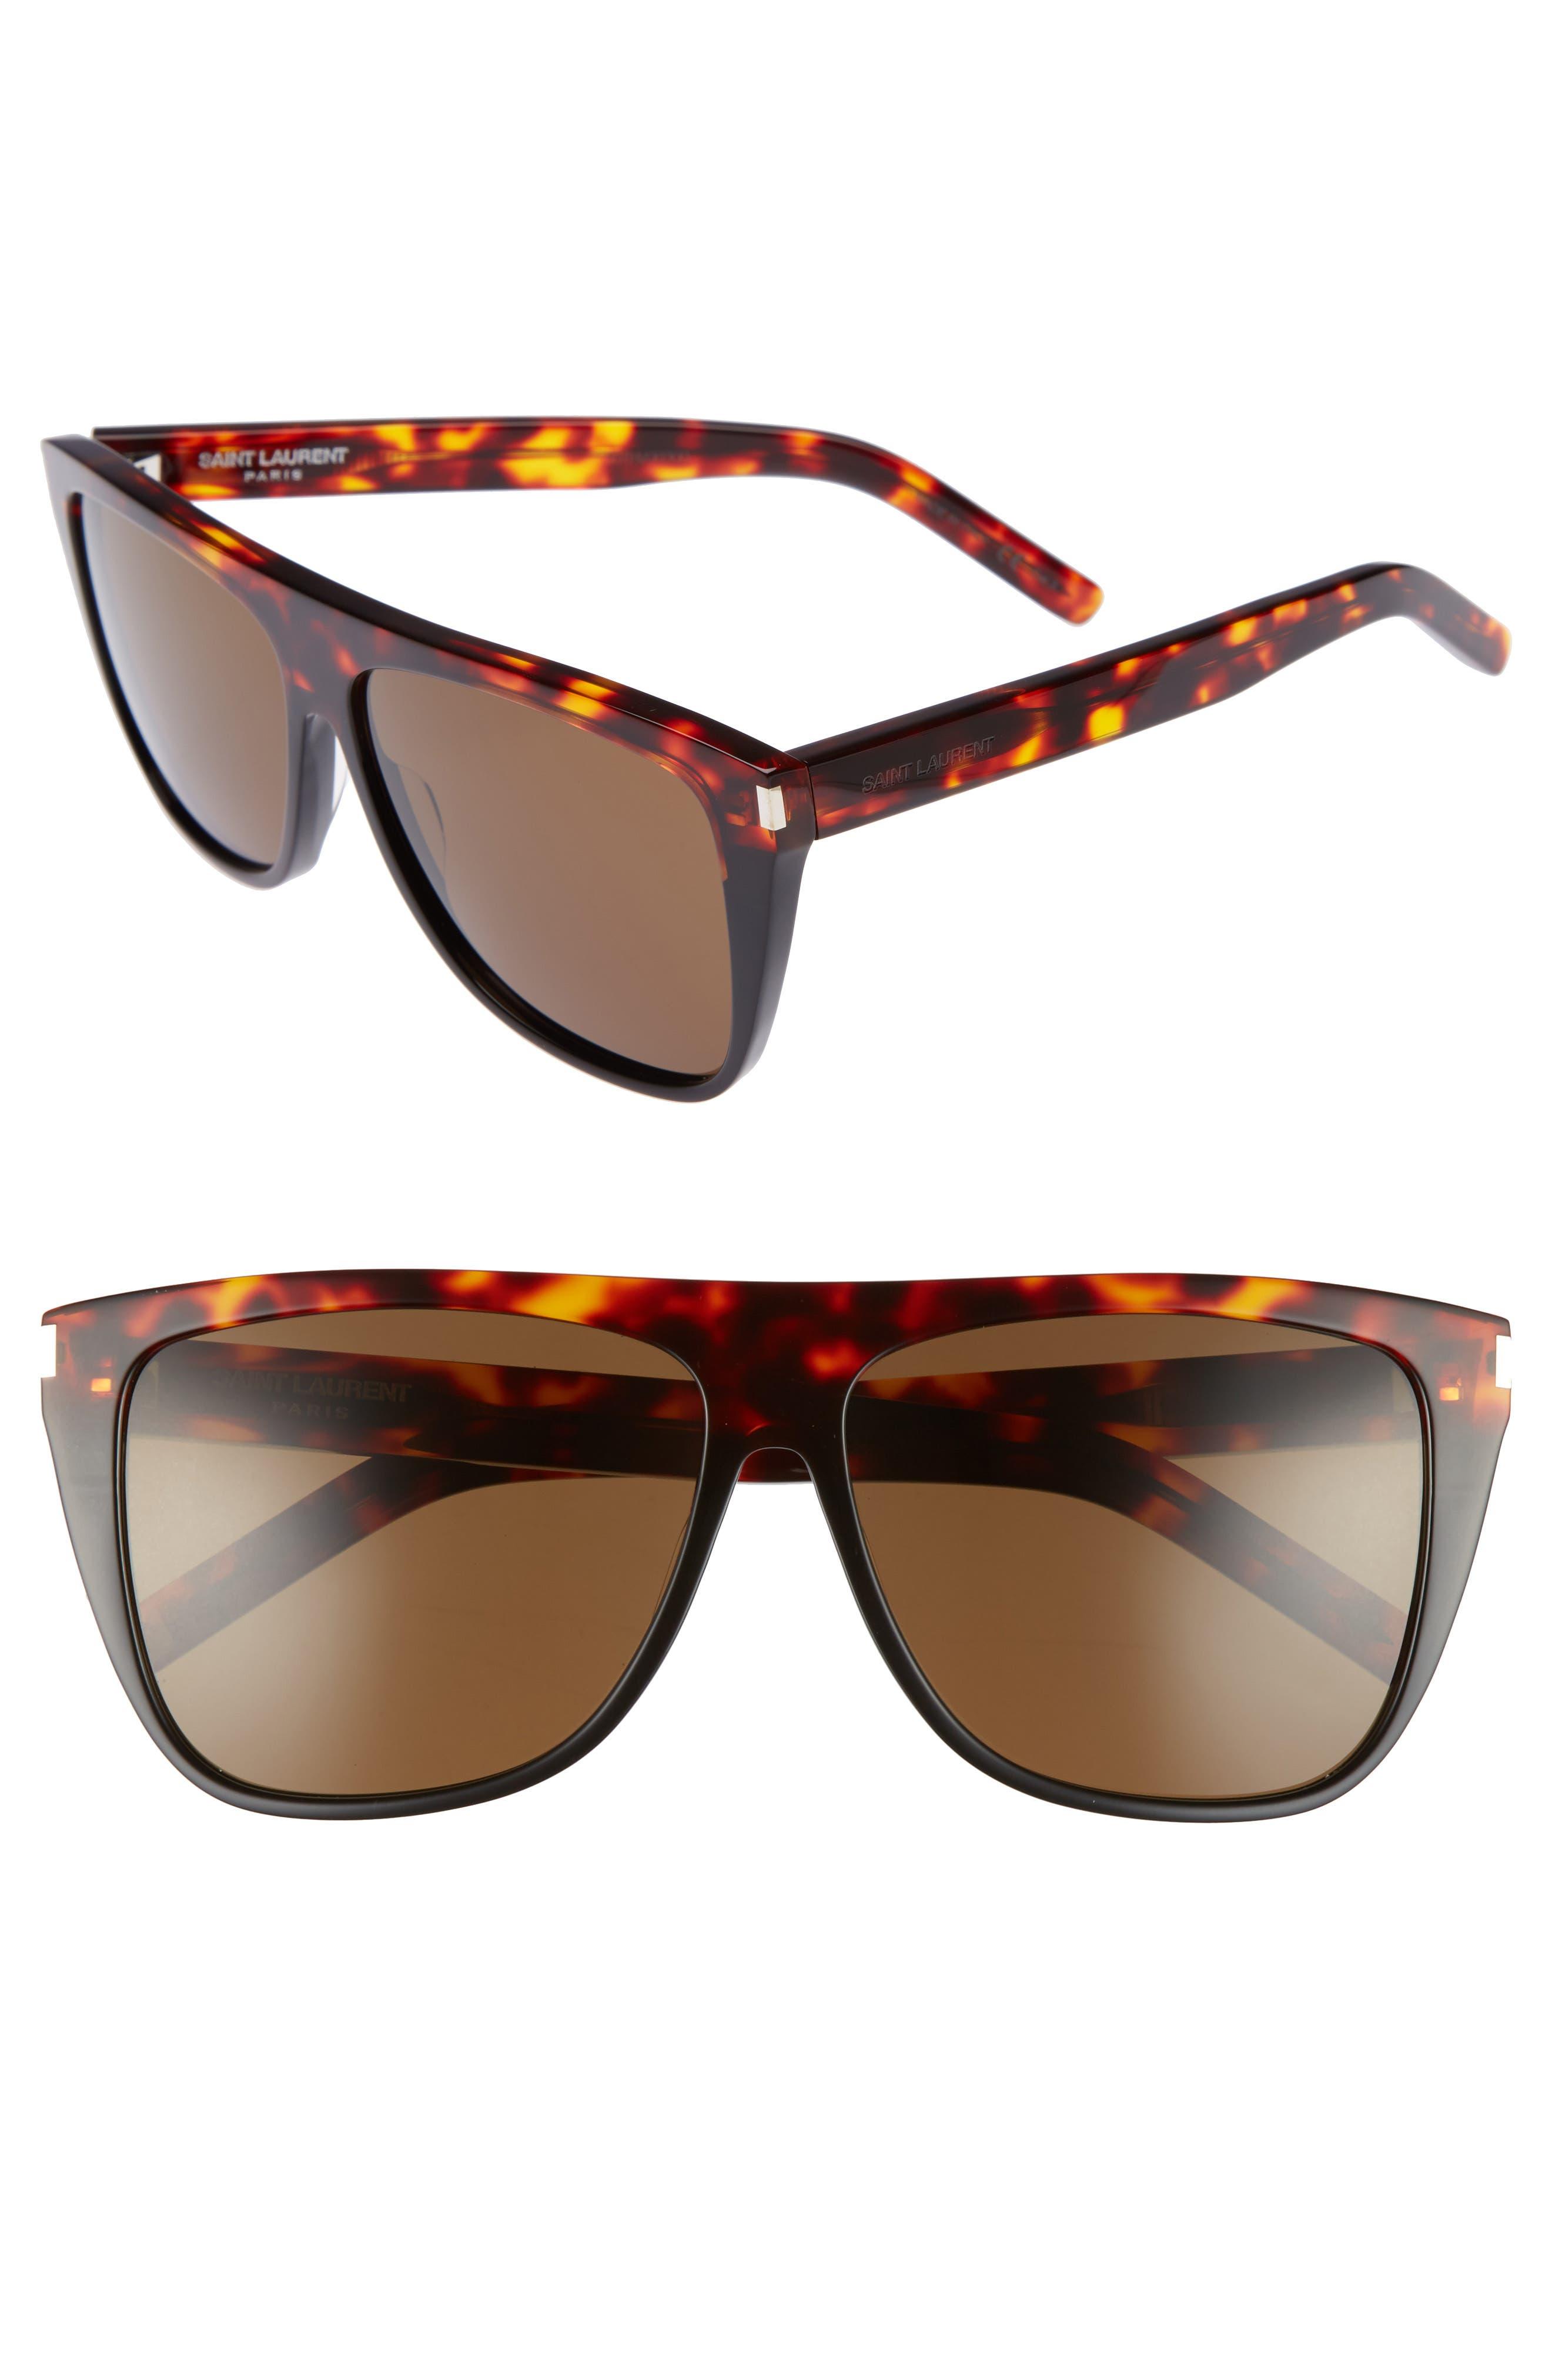 Saint Laurent SL1 59mm Flat Top Sunglasses